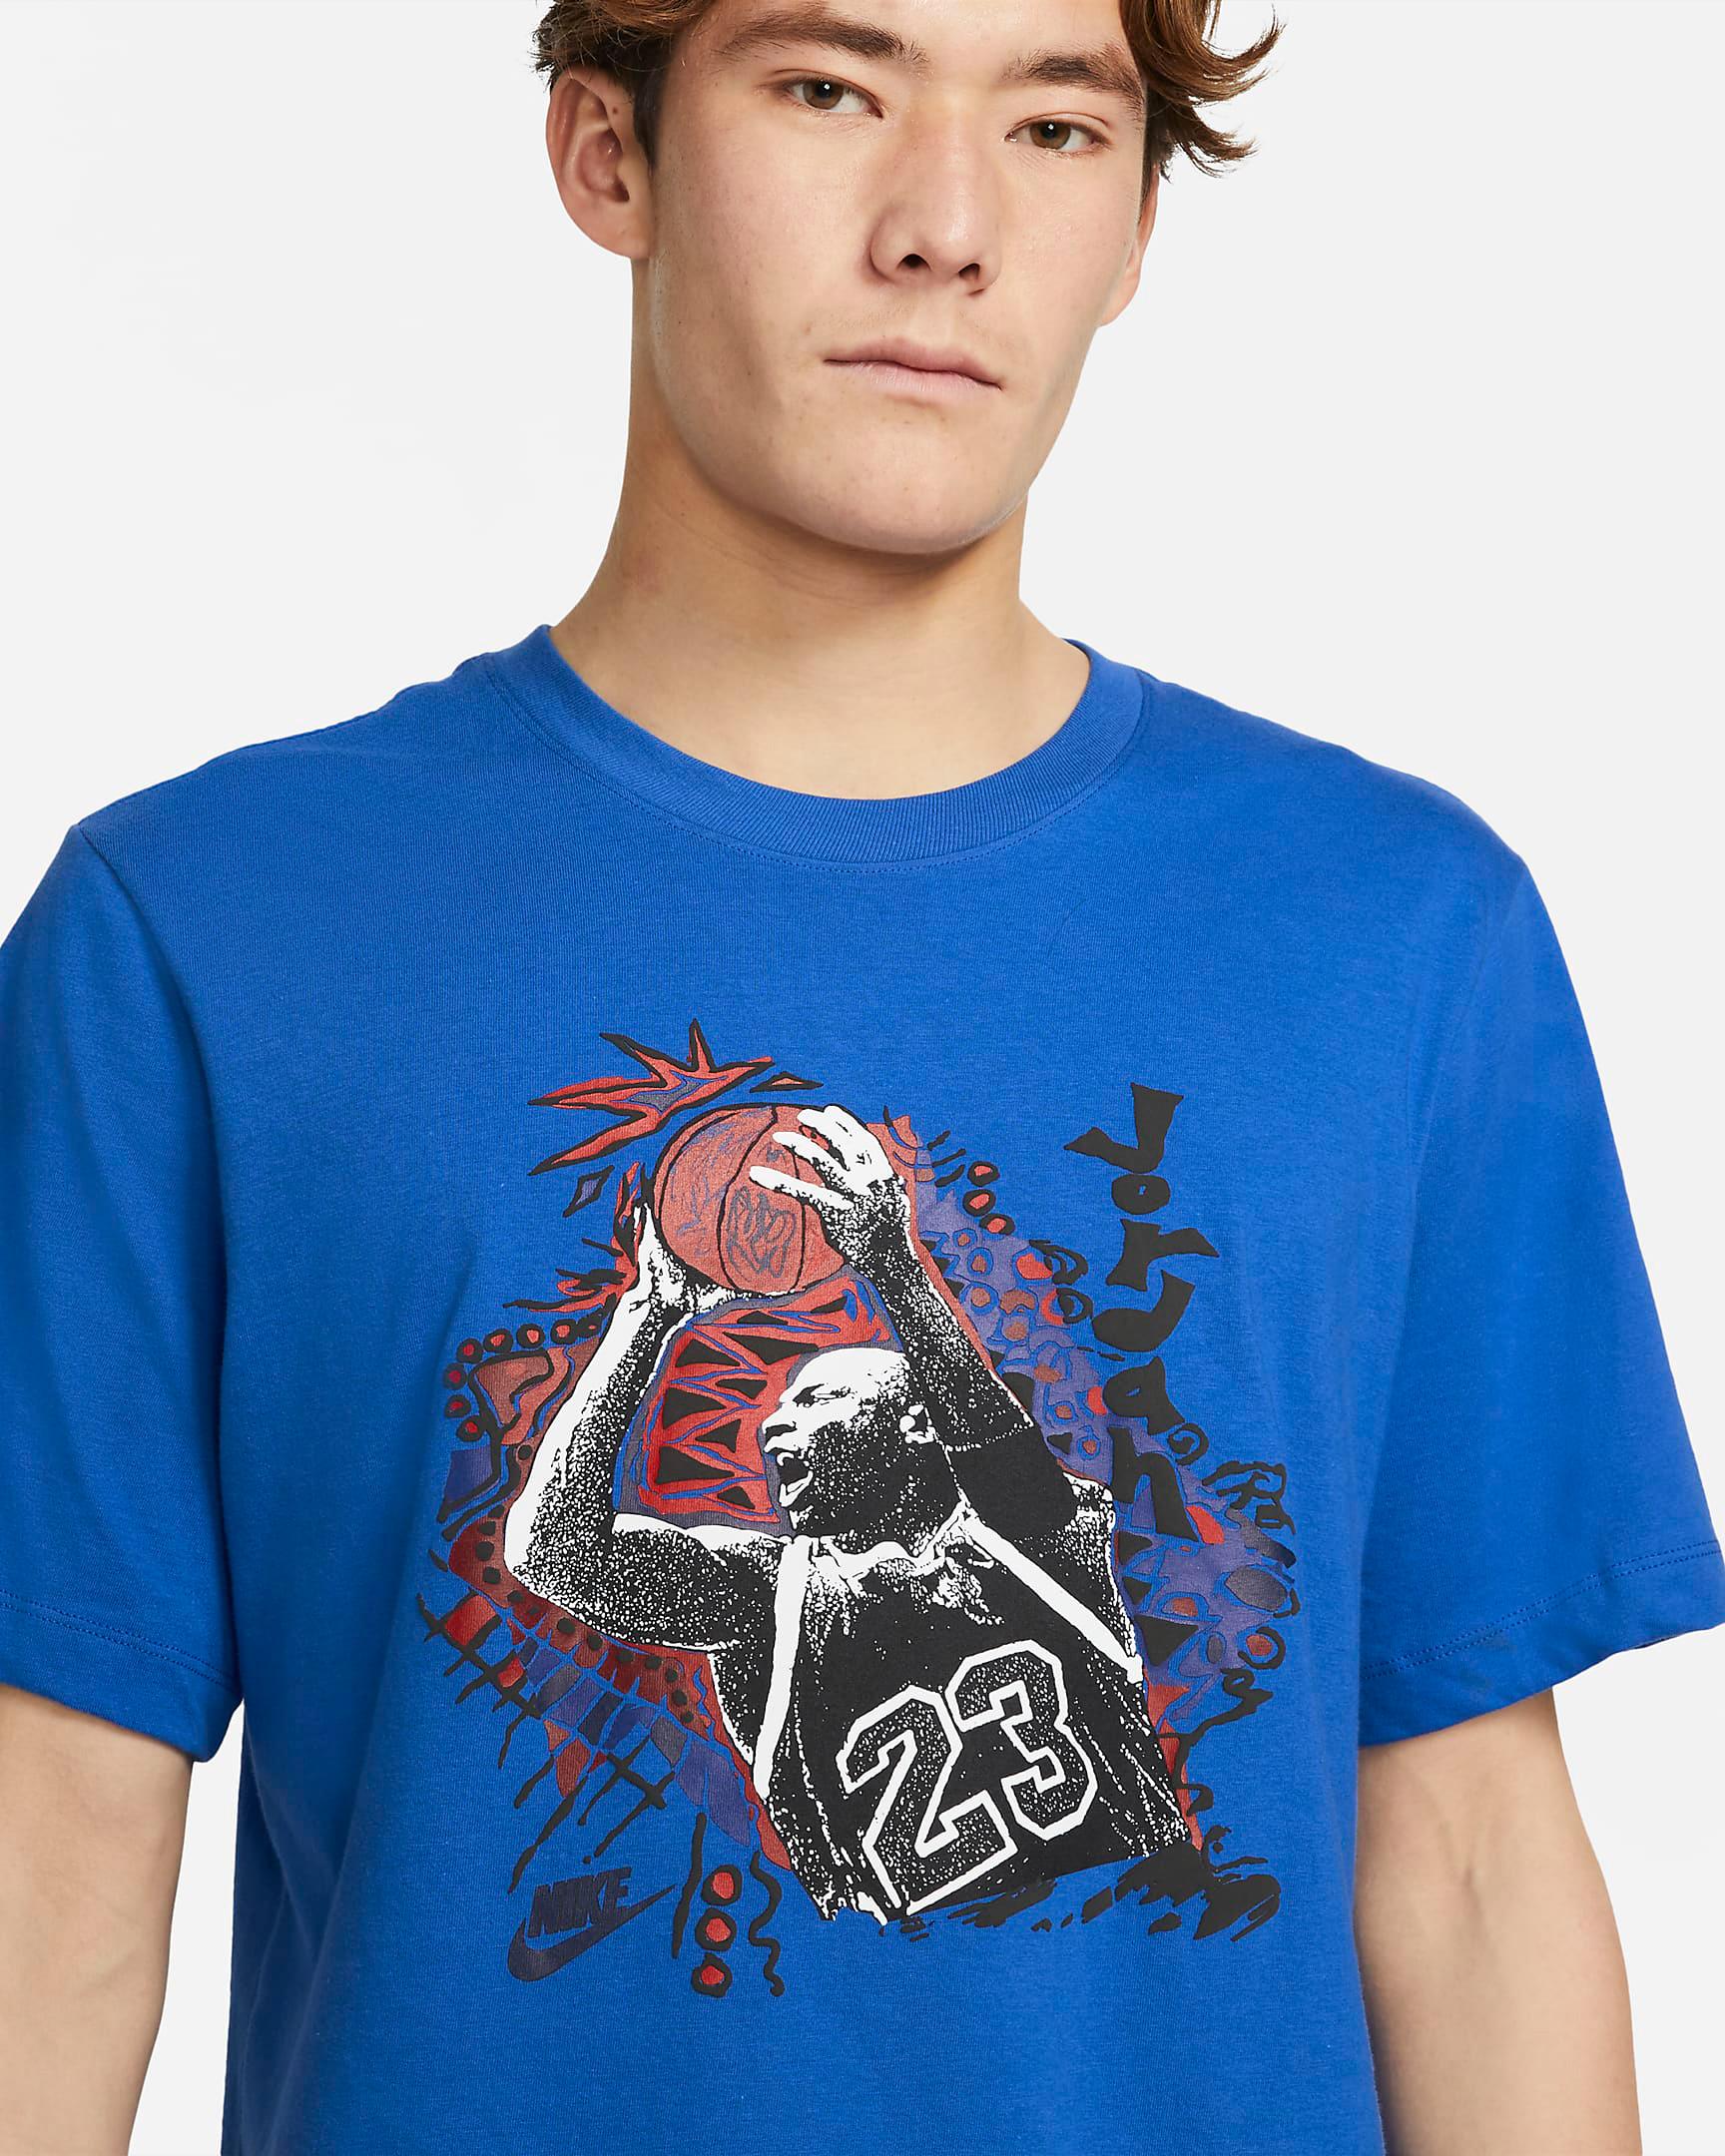 jordan-game-royal-vintage-graphic-t-shirt-2